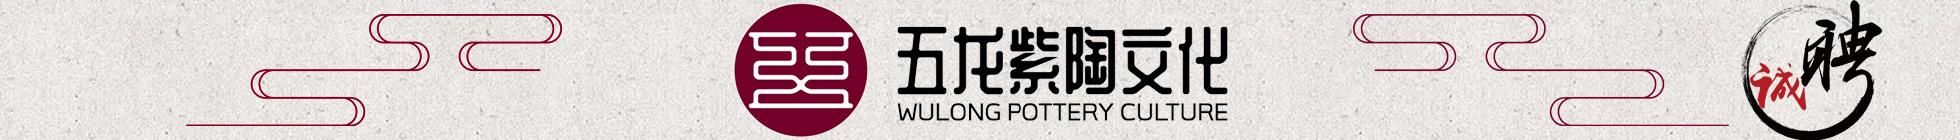 云南五龙紫陶文化开发有限公司